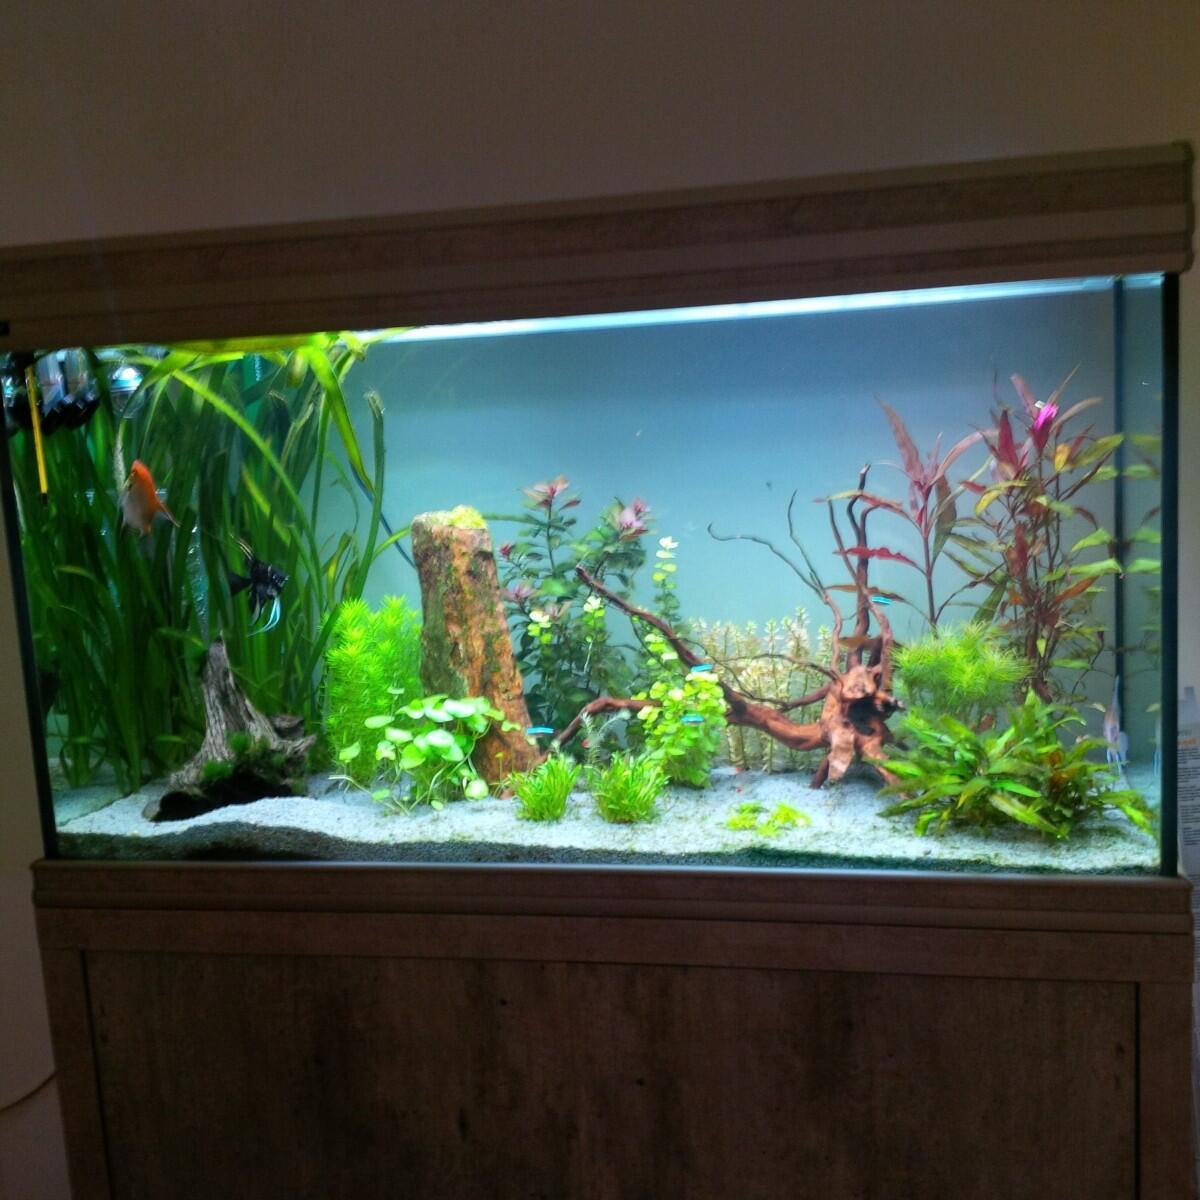 Quel tube fluorescent pour aquarium ?